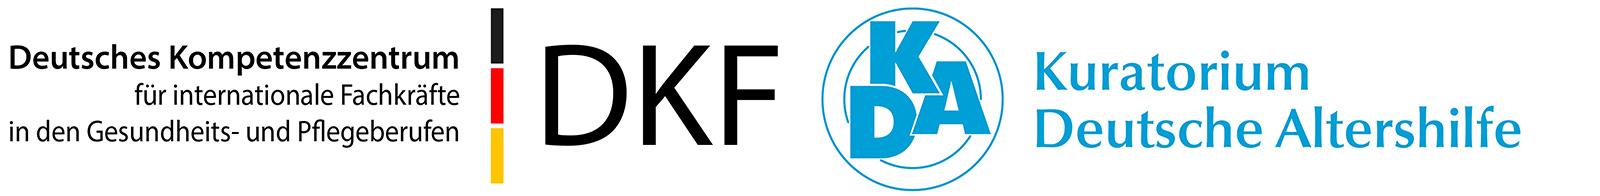 Deutsches Kompetenzzentrum für internationale Fachkräfte in den Gesundheits- und Pflegeberufen (DKF) unter Trägerschaft des Kuratorium Deutsche Altershilfe (KDA) Logo